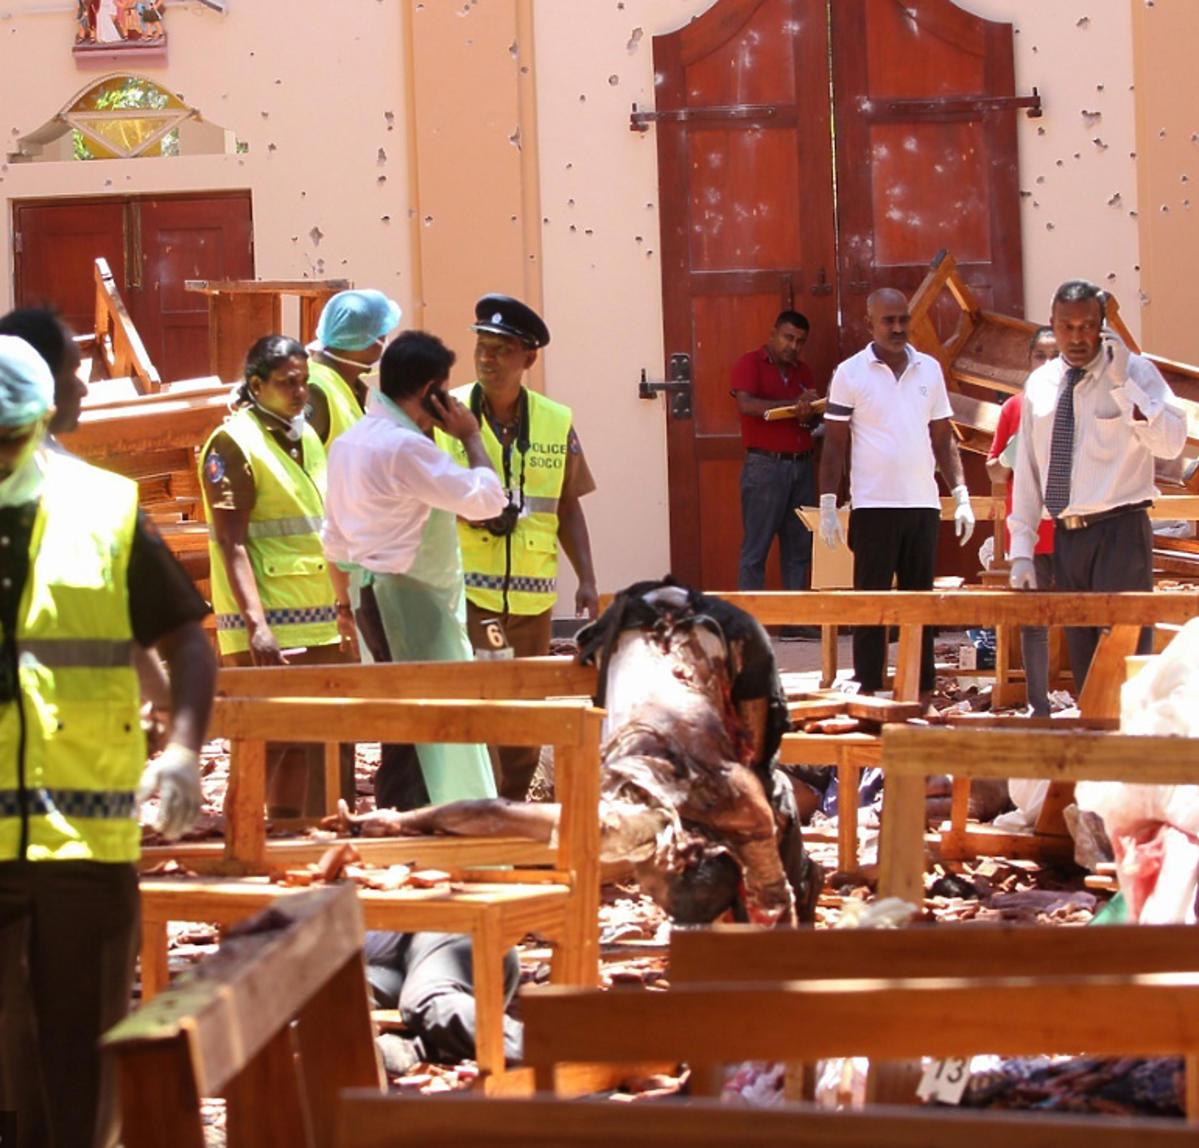 zamach na Sri Lance wnętrze kościoła